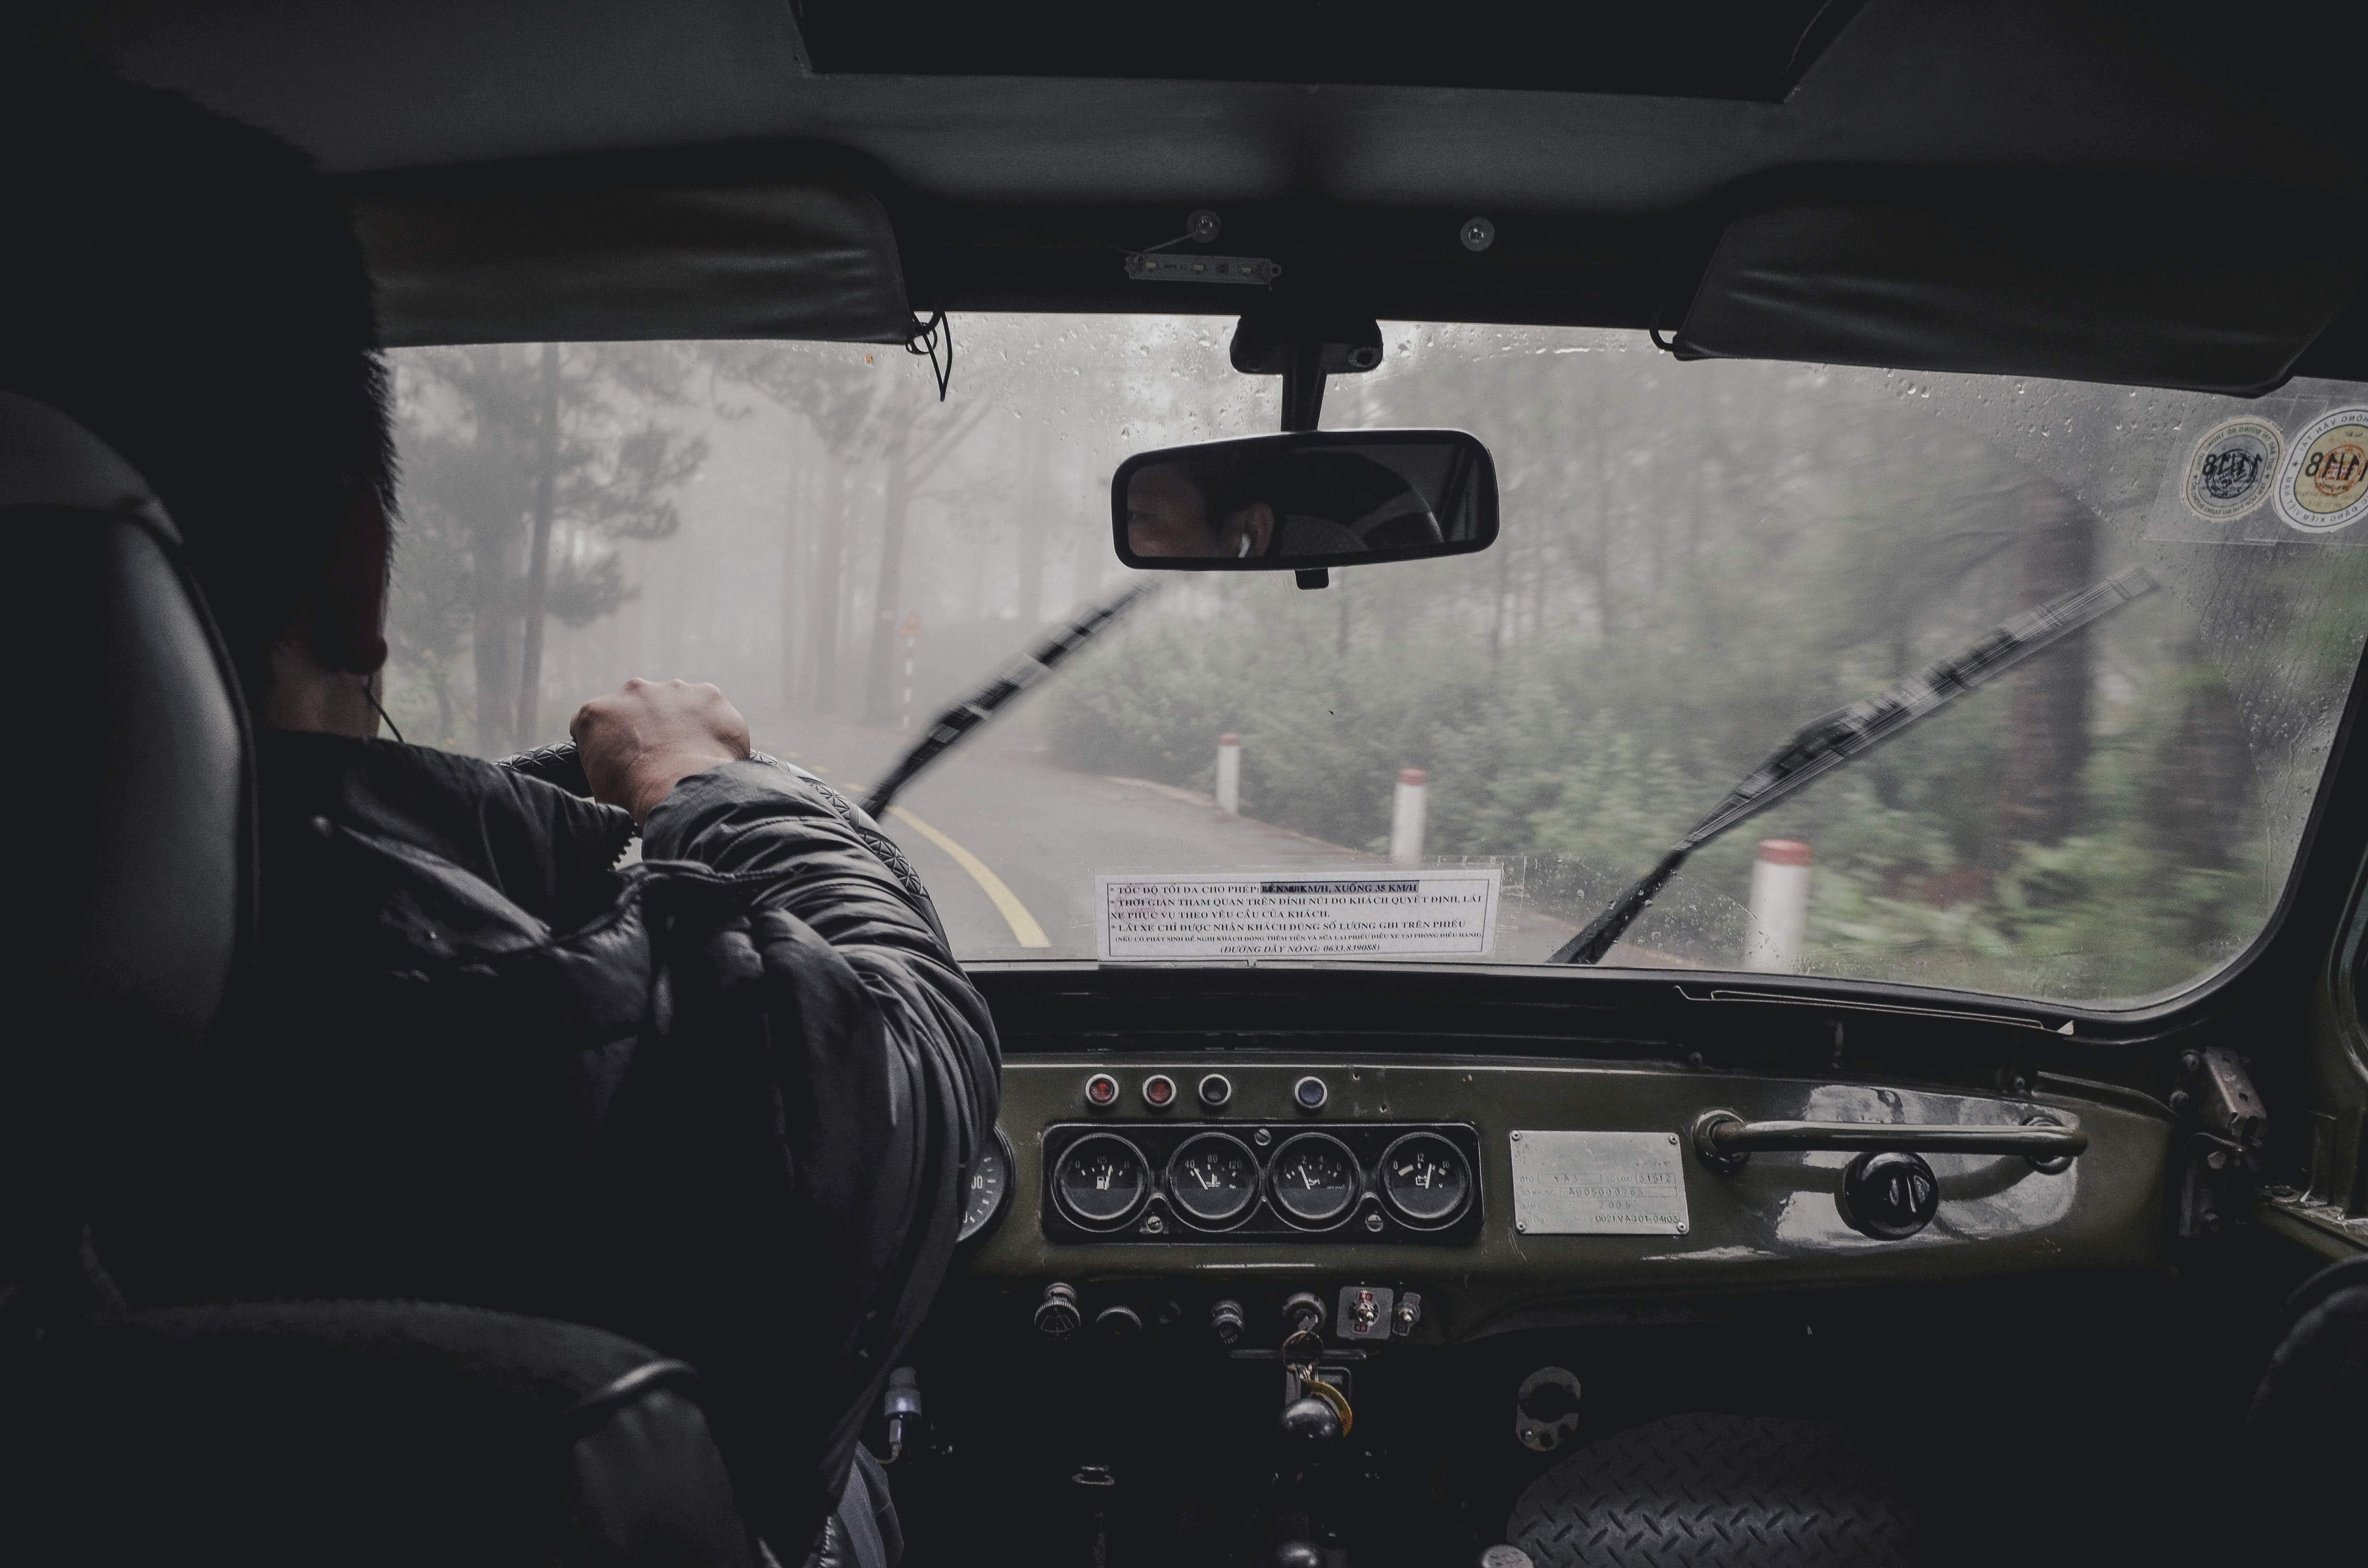 Modification de l'examen de chauffeur poids lourd au Royaume-Uni pour lutter contre la pénurie de chauffeurs